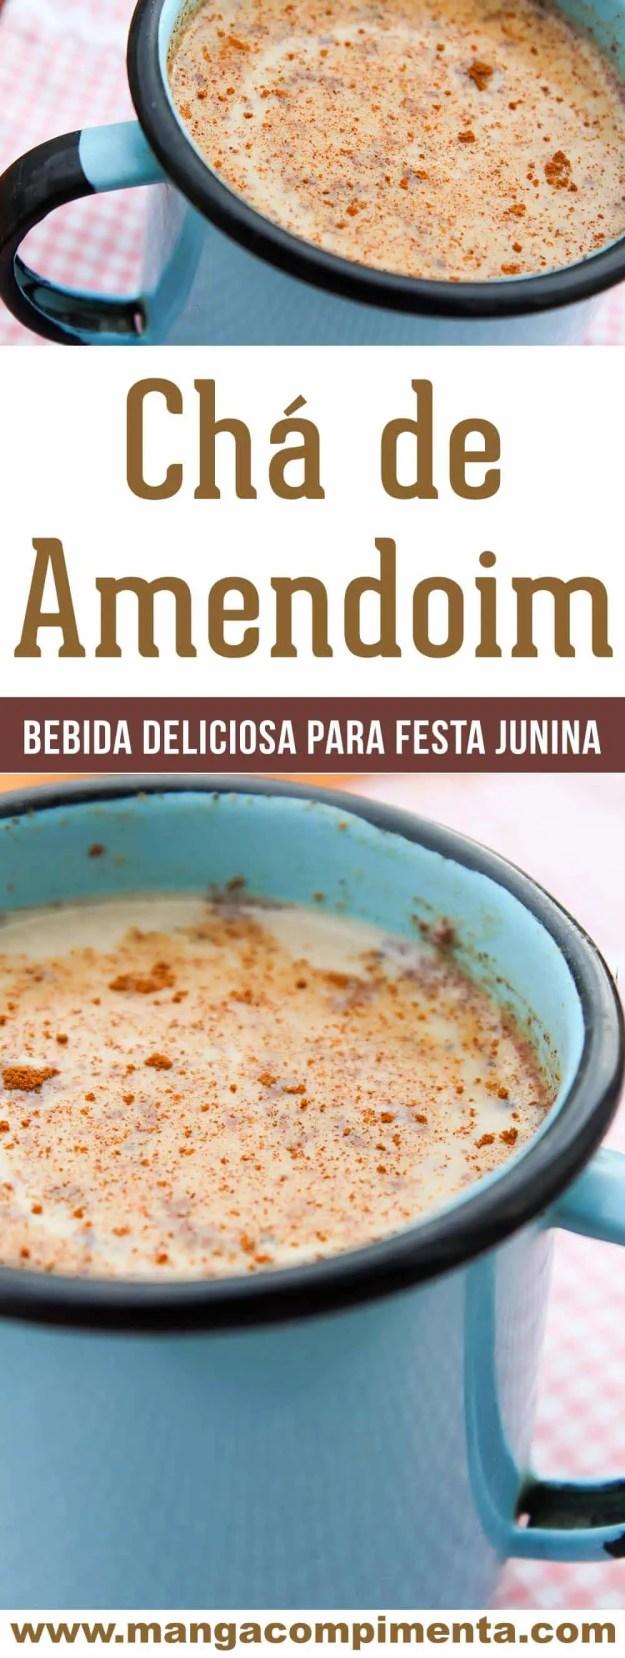 Chá de Amendoim - uma delícia para beber na Festa Junina ou em casa nos dias frios!